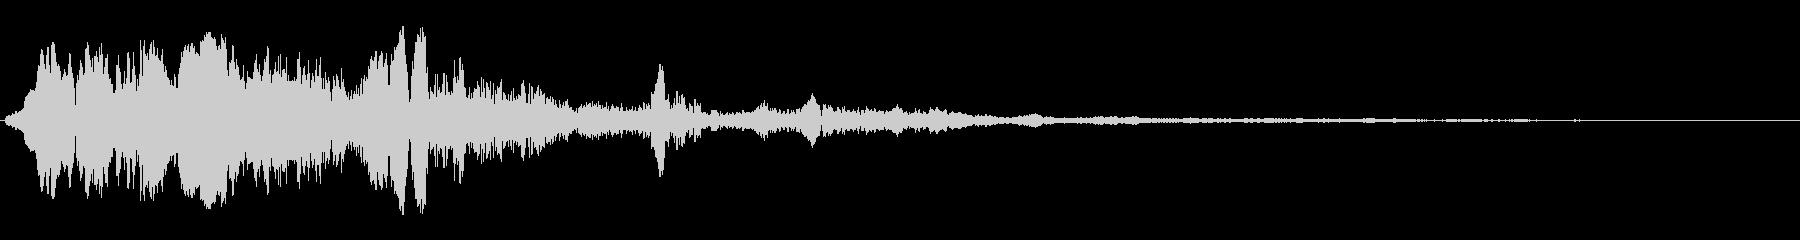 こもったジングル系スペース音の未再生の波形